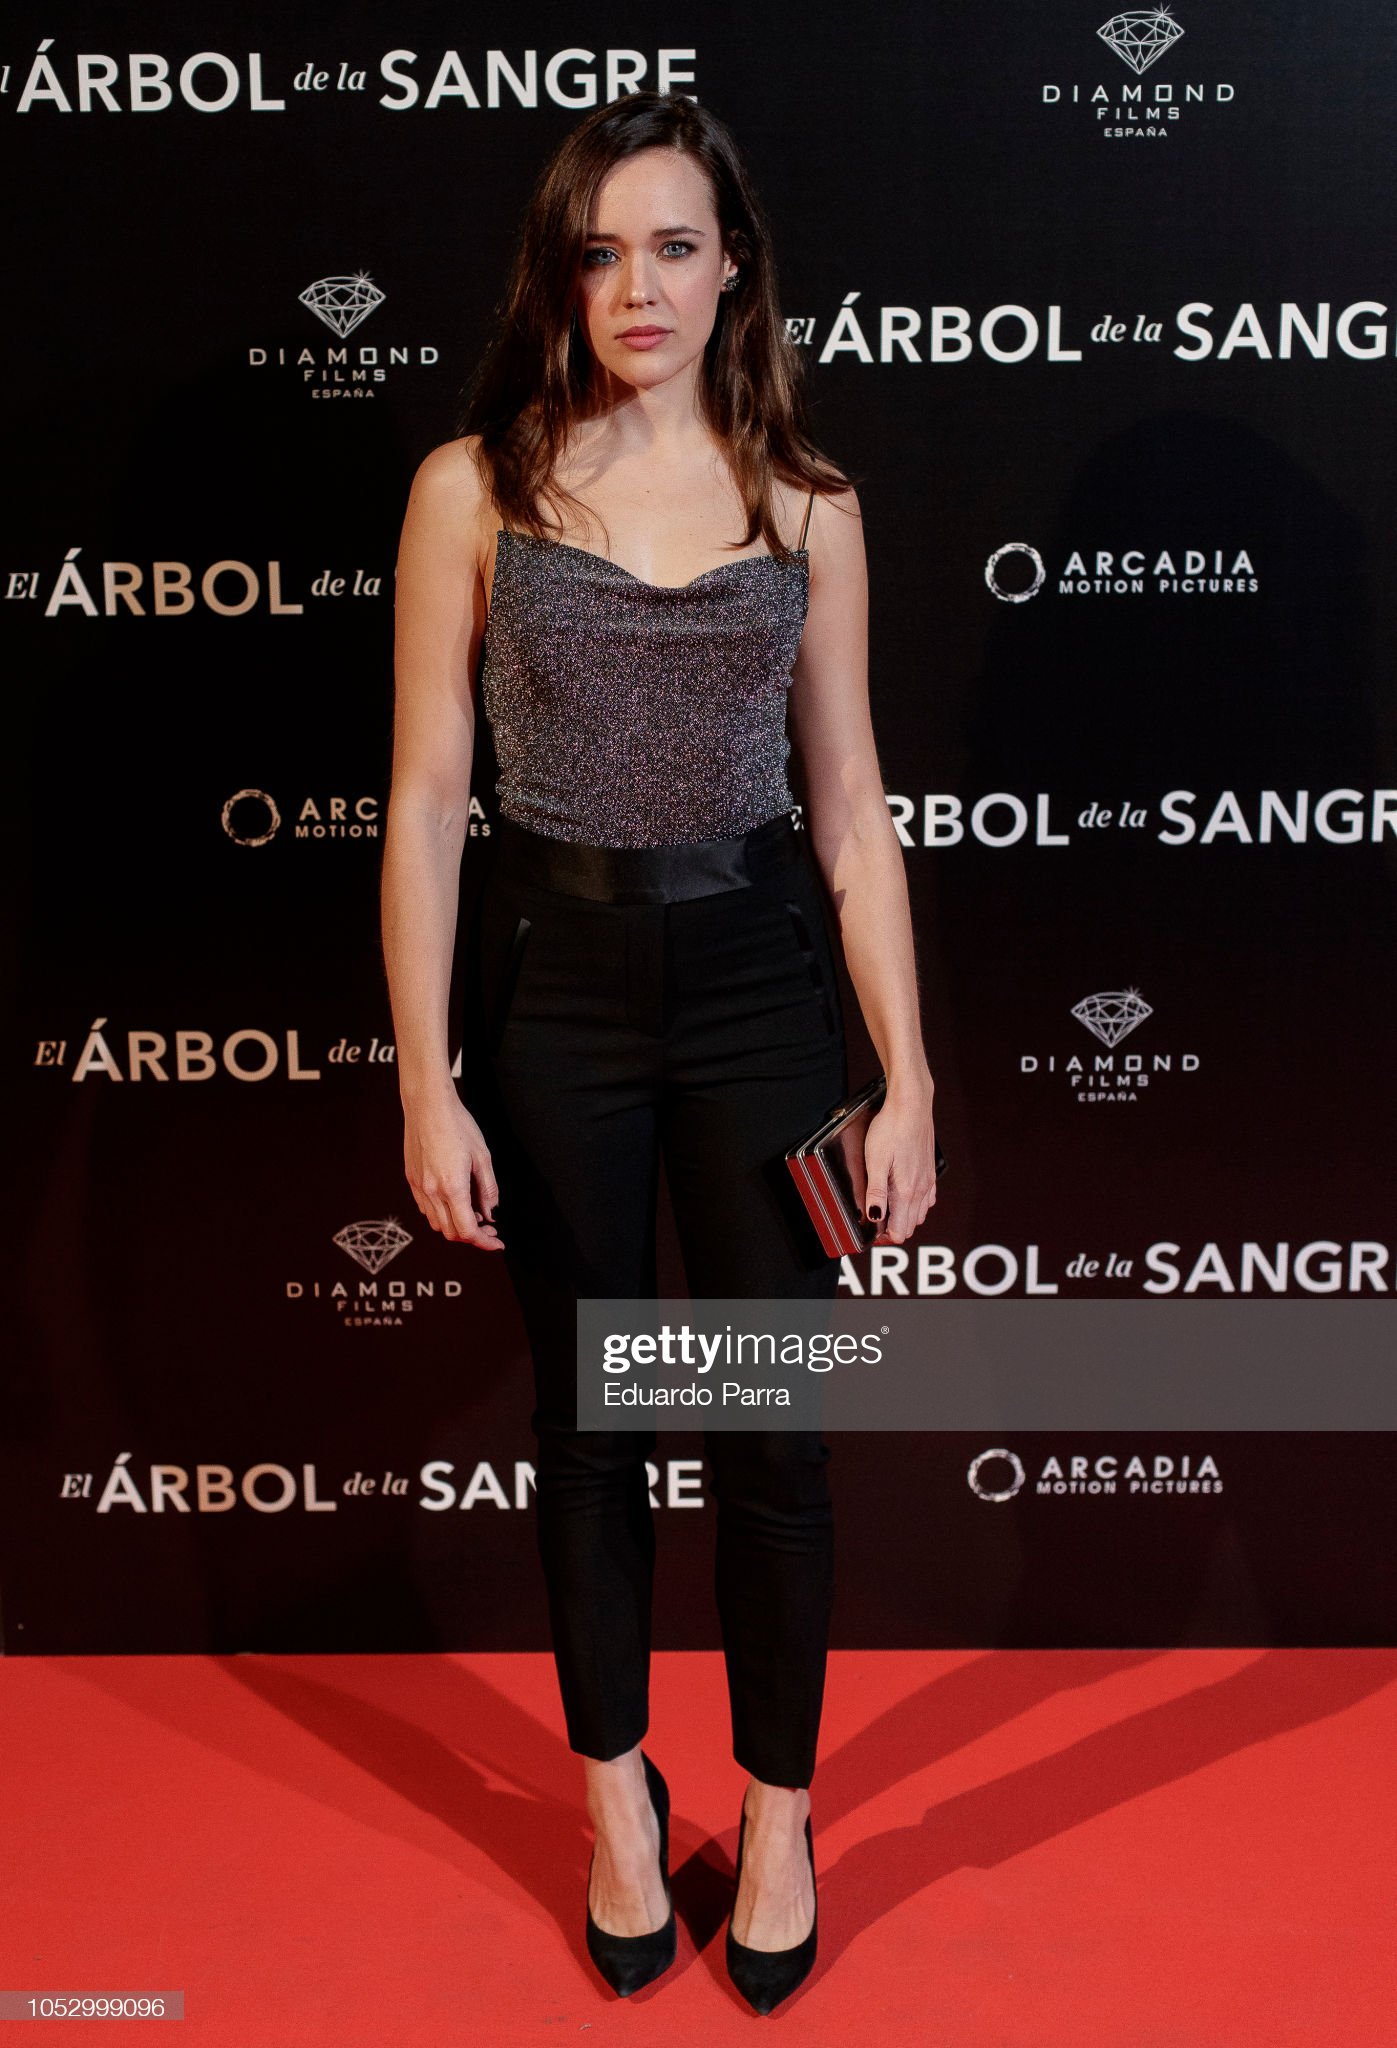 ¿Cuánto mide Lucía Delgado? - Altura Lucia-delgado-attends-the-el-arbol-de-la-sangre-photocall-at-capitol-picture-id1052999096?s=2048x2048